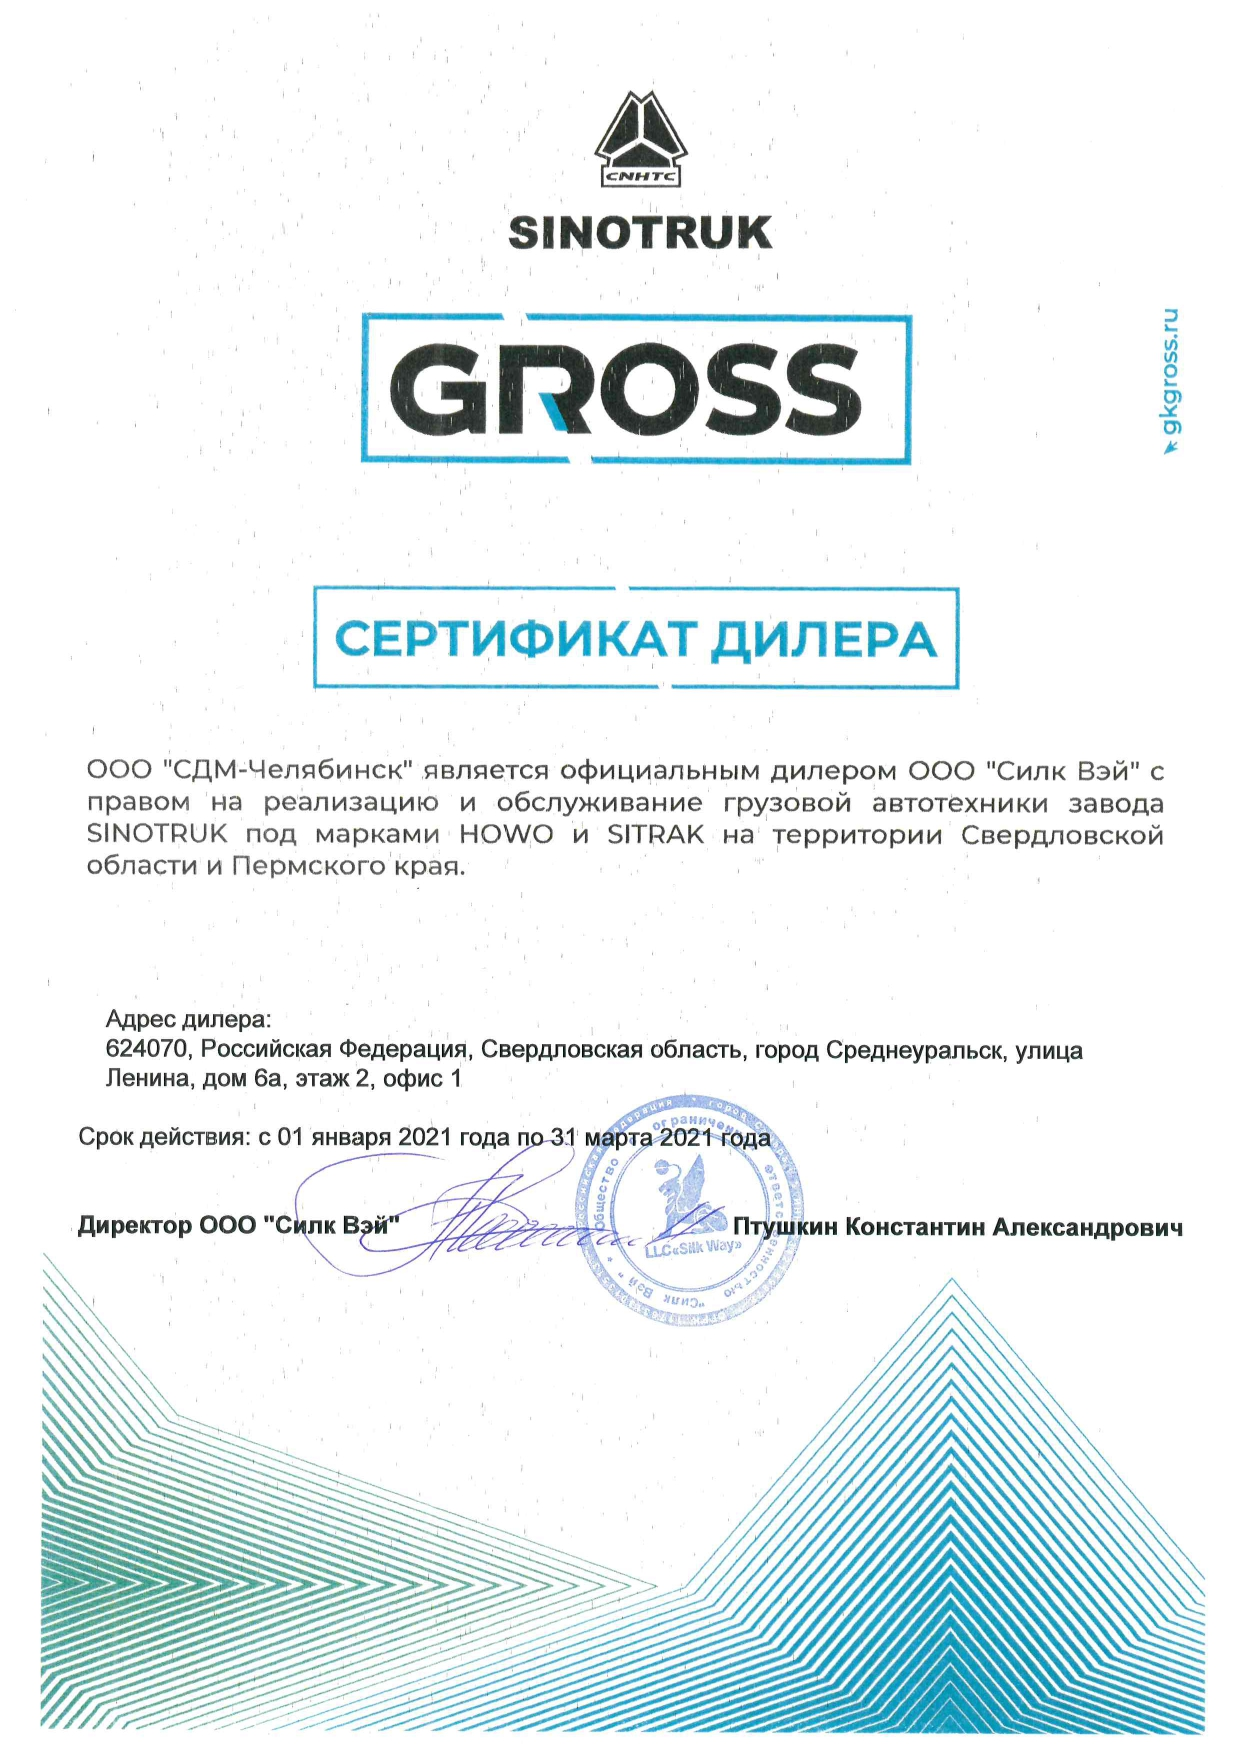 Сертификаты СДМ-108422